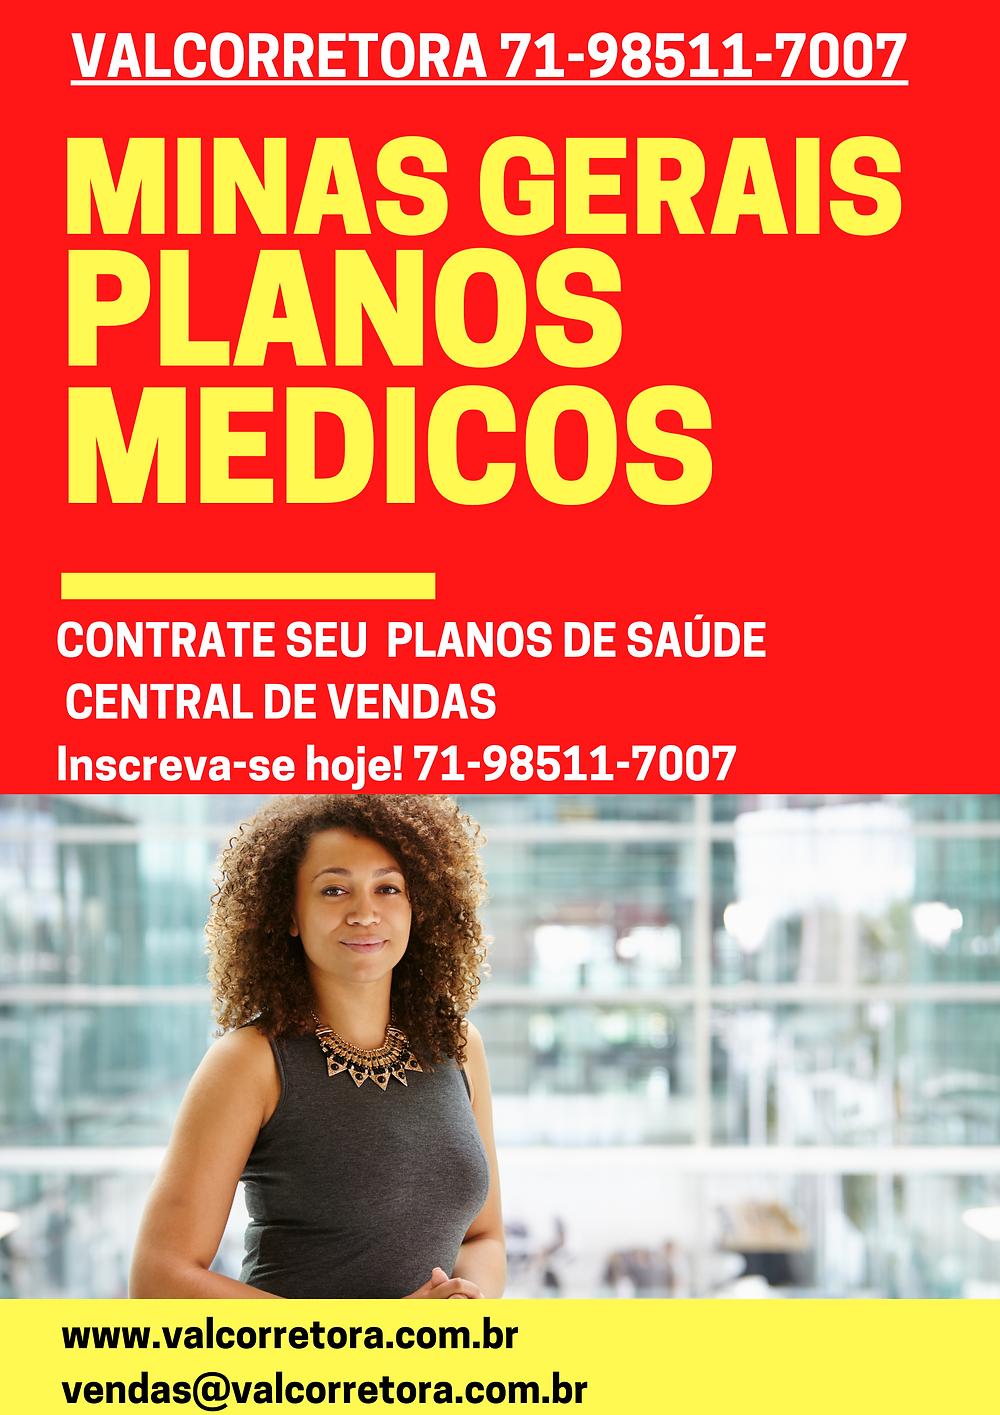 Planos de Saúde Adesão Individual Planos de Saúde Adesão Familiar Planos de Saúde Adesão Empresarial Central de Vendas de Planos de Saúde Corretora Vendas de Planos de Saúde em Minas Gerais